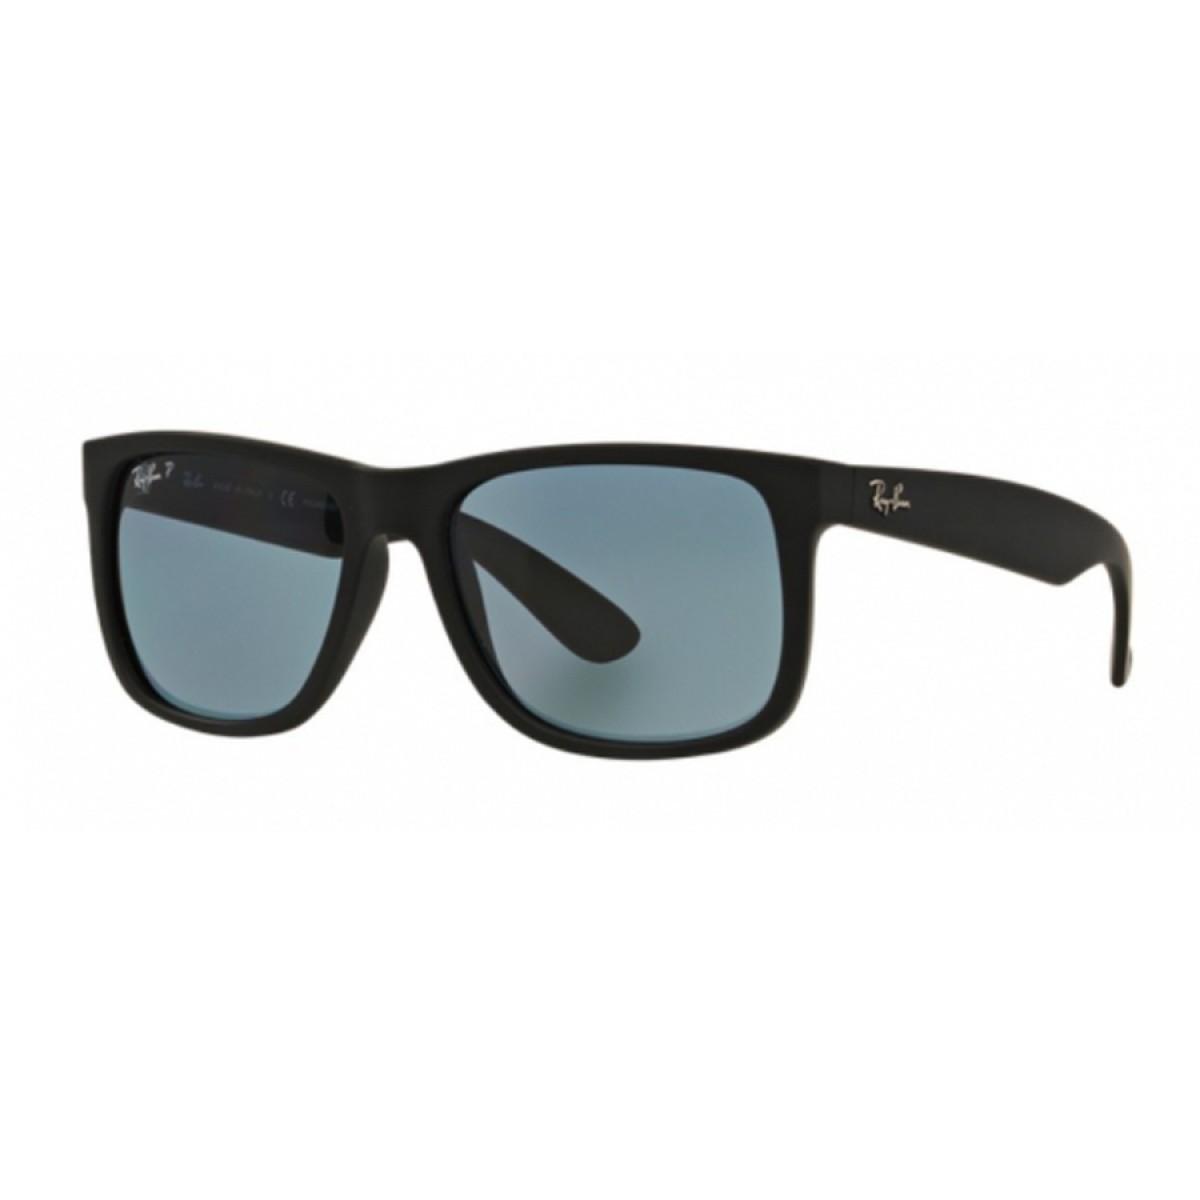 d0e2e0d172b7 Ray Ban Justin Square Polarized Men Sunglasses RB4165-622 2V - Sunglasses -  Fashion World